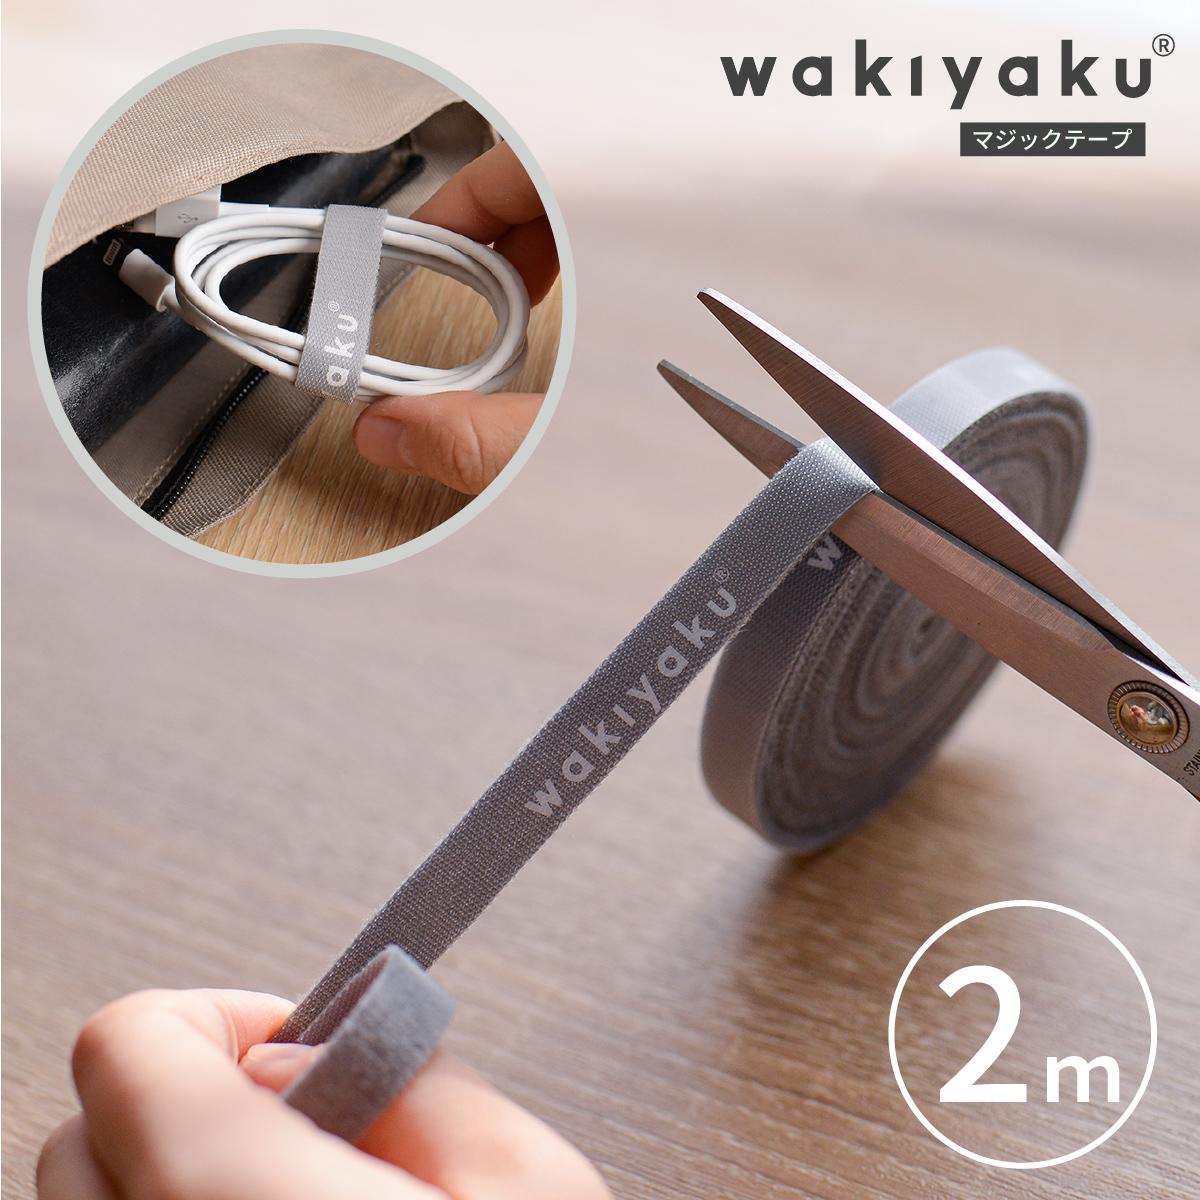 新商品 wakiyaku R 両面 マジックテープ マジックバンド 2m 幅12mm 配線 ケーブルまとめ 長さ2mファスナー 品質検査済 壁掛け 防災 コード固定両面テープ 対策